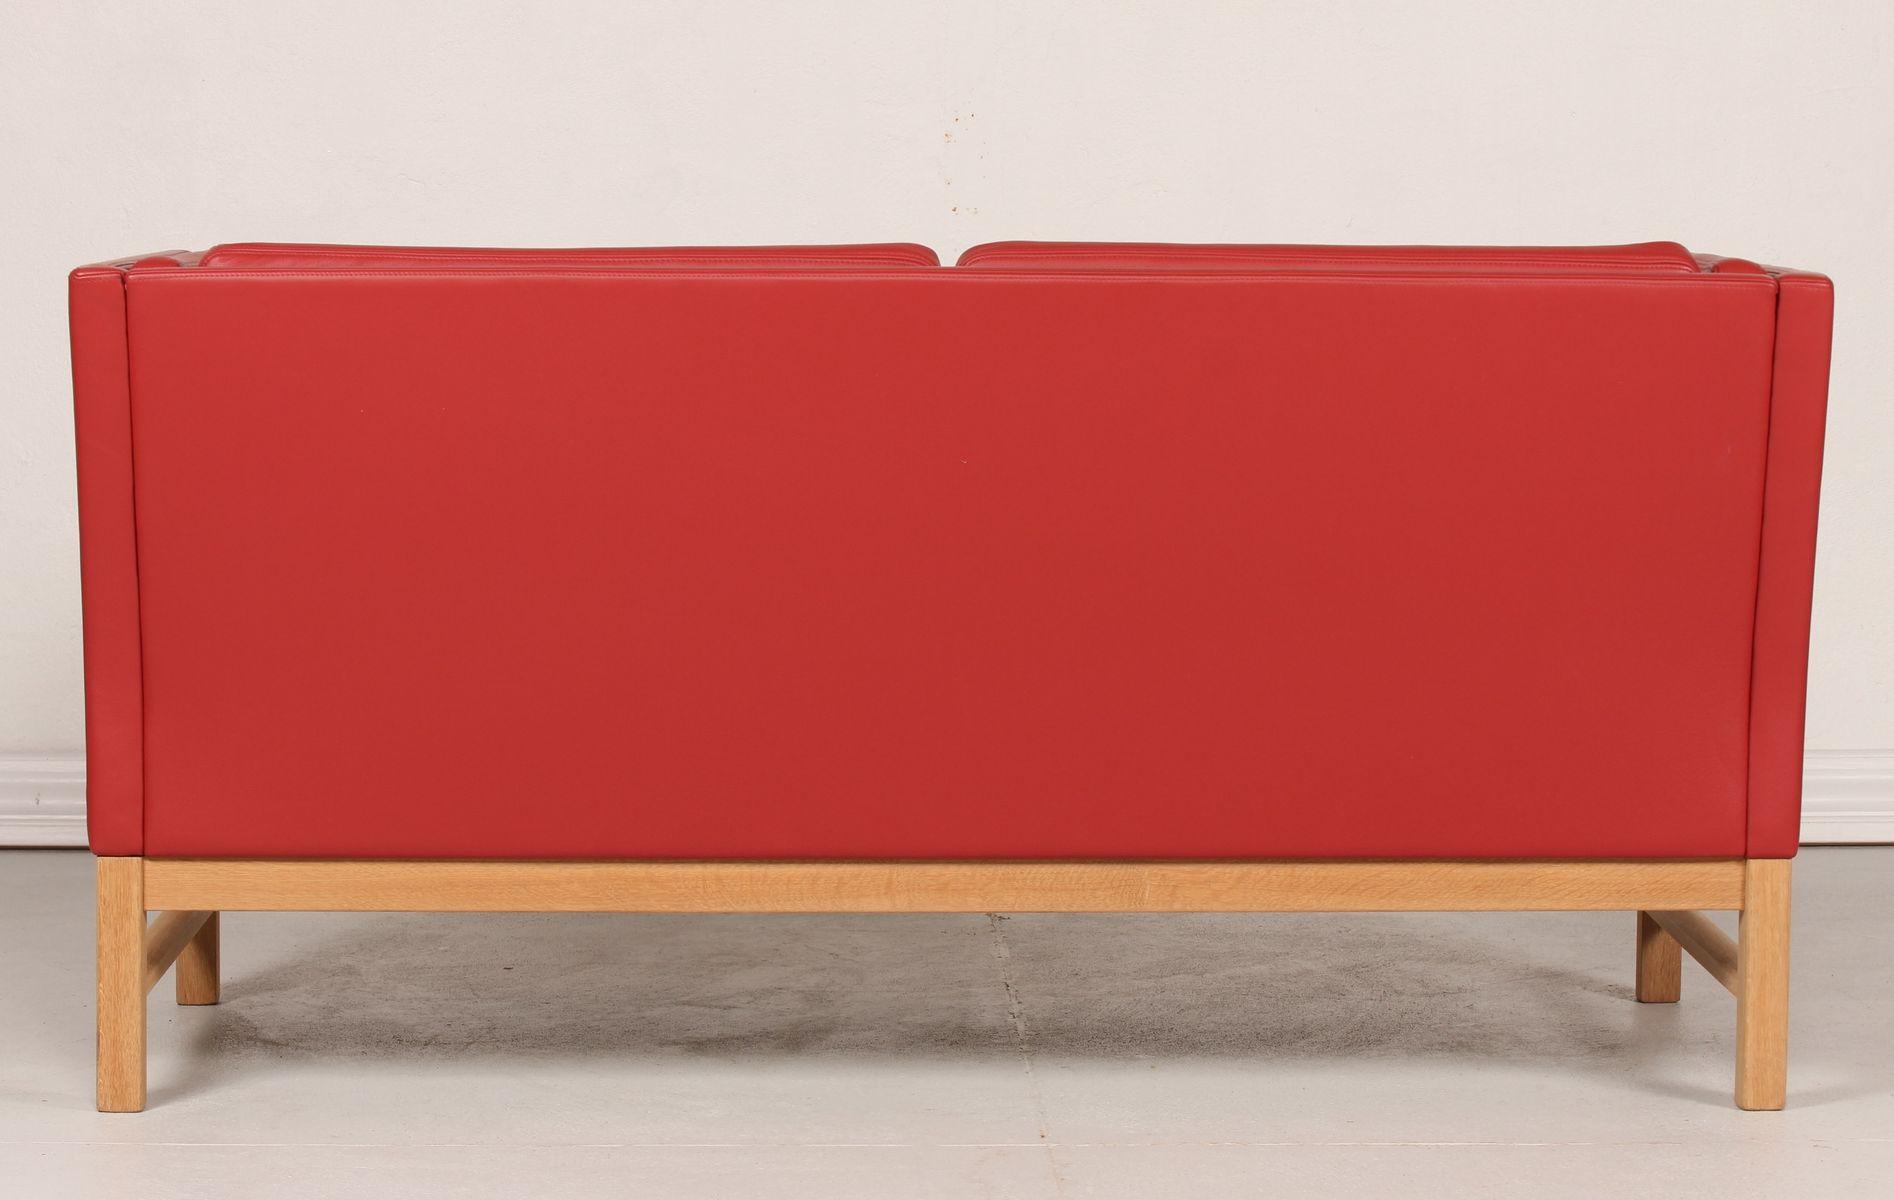 d nisches rotes ej 315 2 ledersofa von erik ole j rgensen. Black Bedroom Furniture Sets. Home Design Ideas